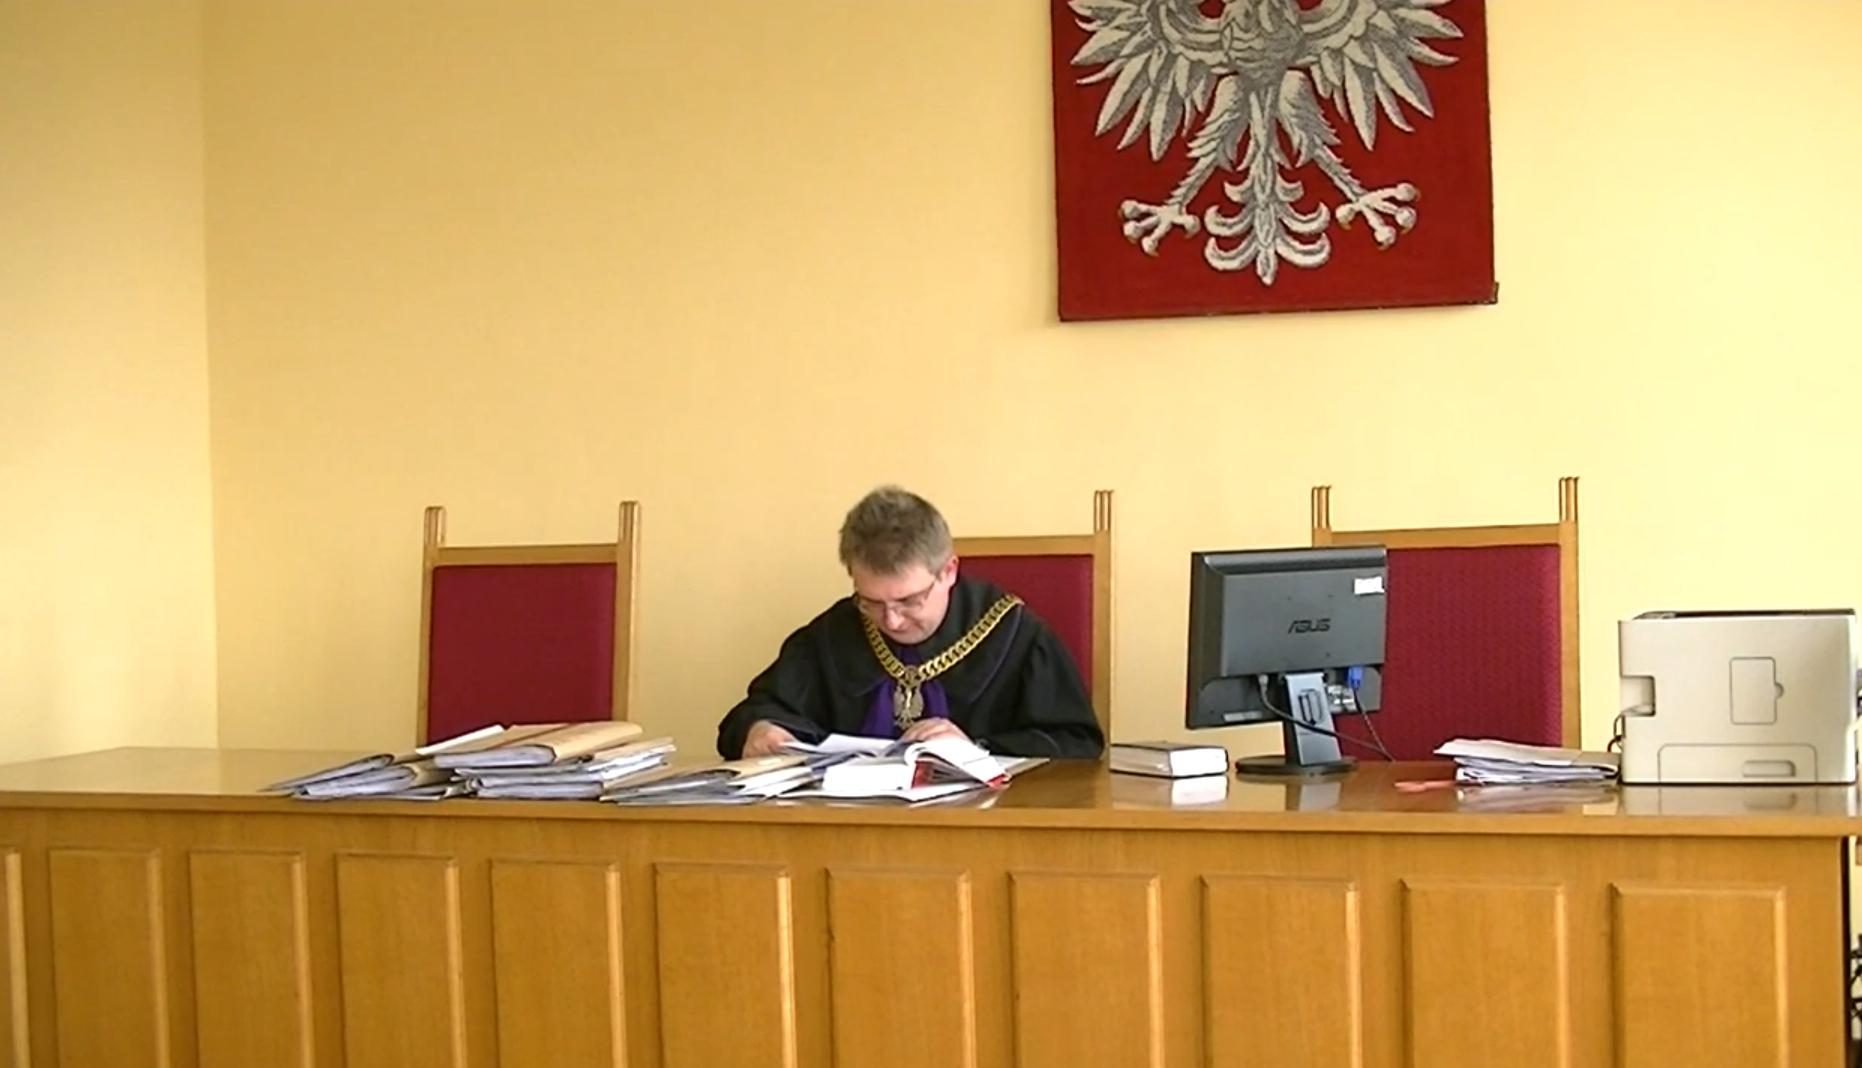 WOLNY CZYN: Kolejny zbrodniarz z prokuratury bezkarny